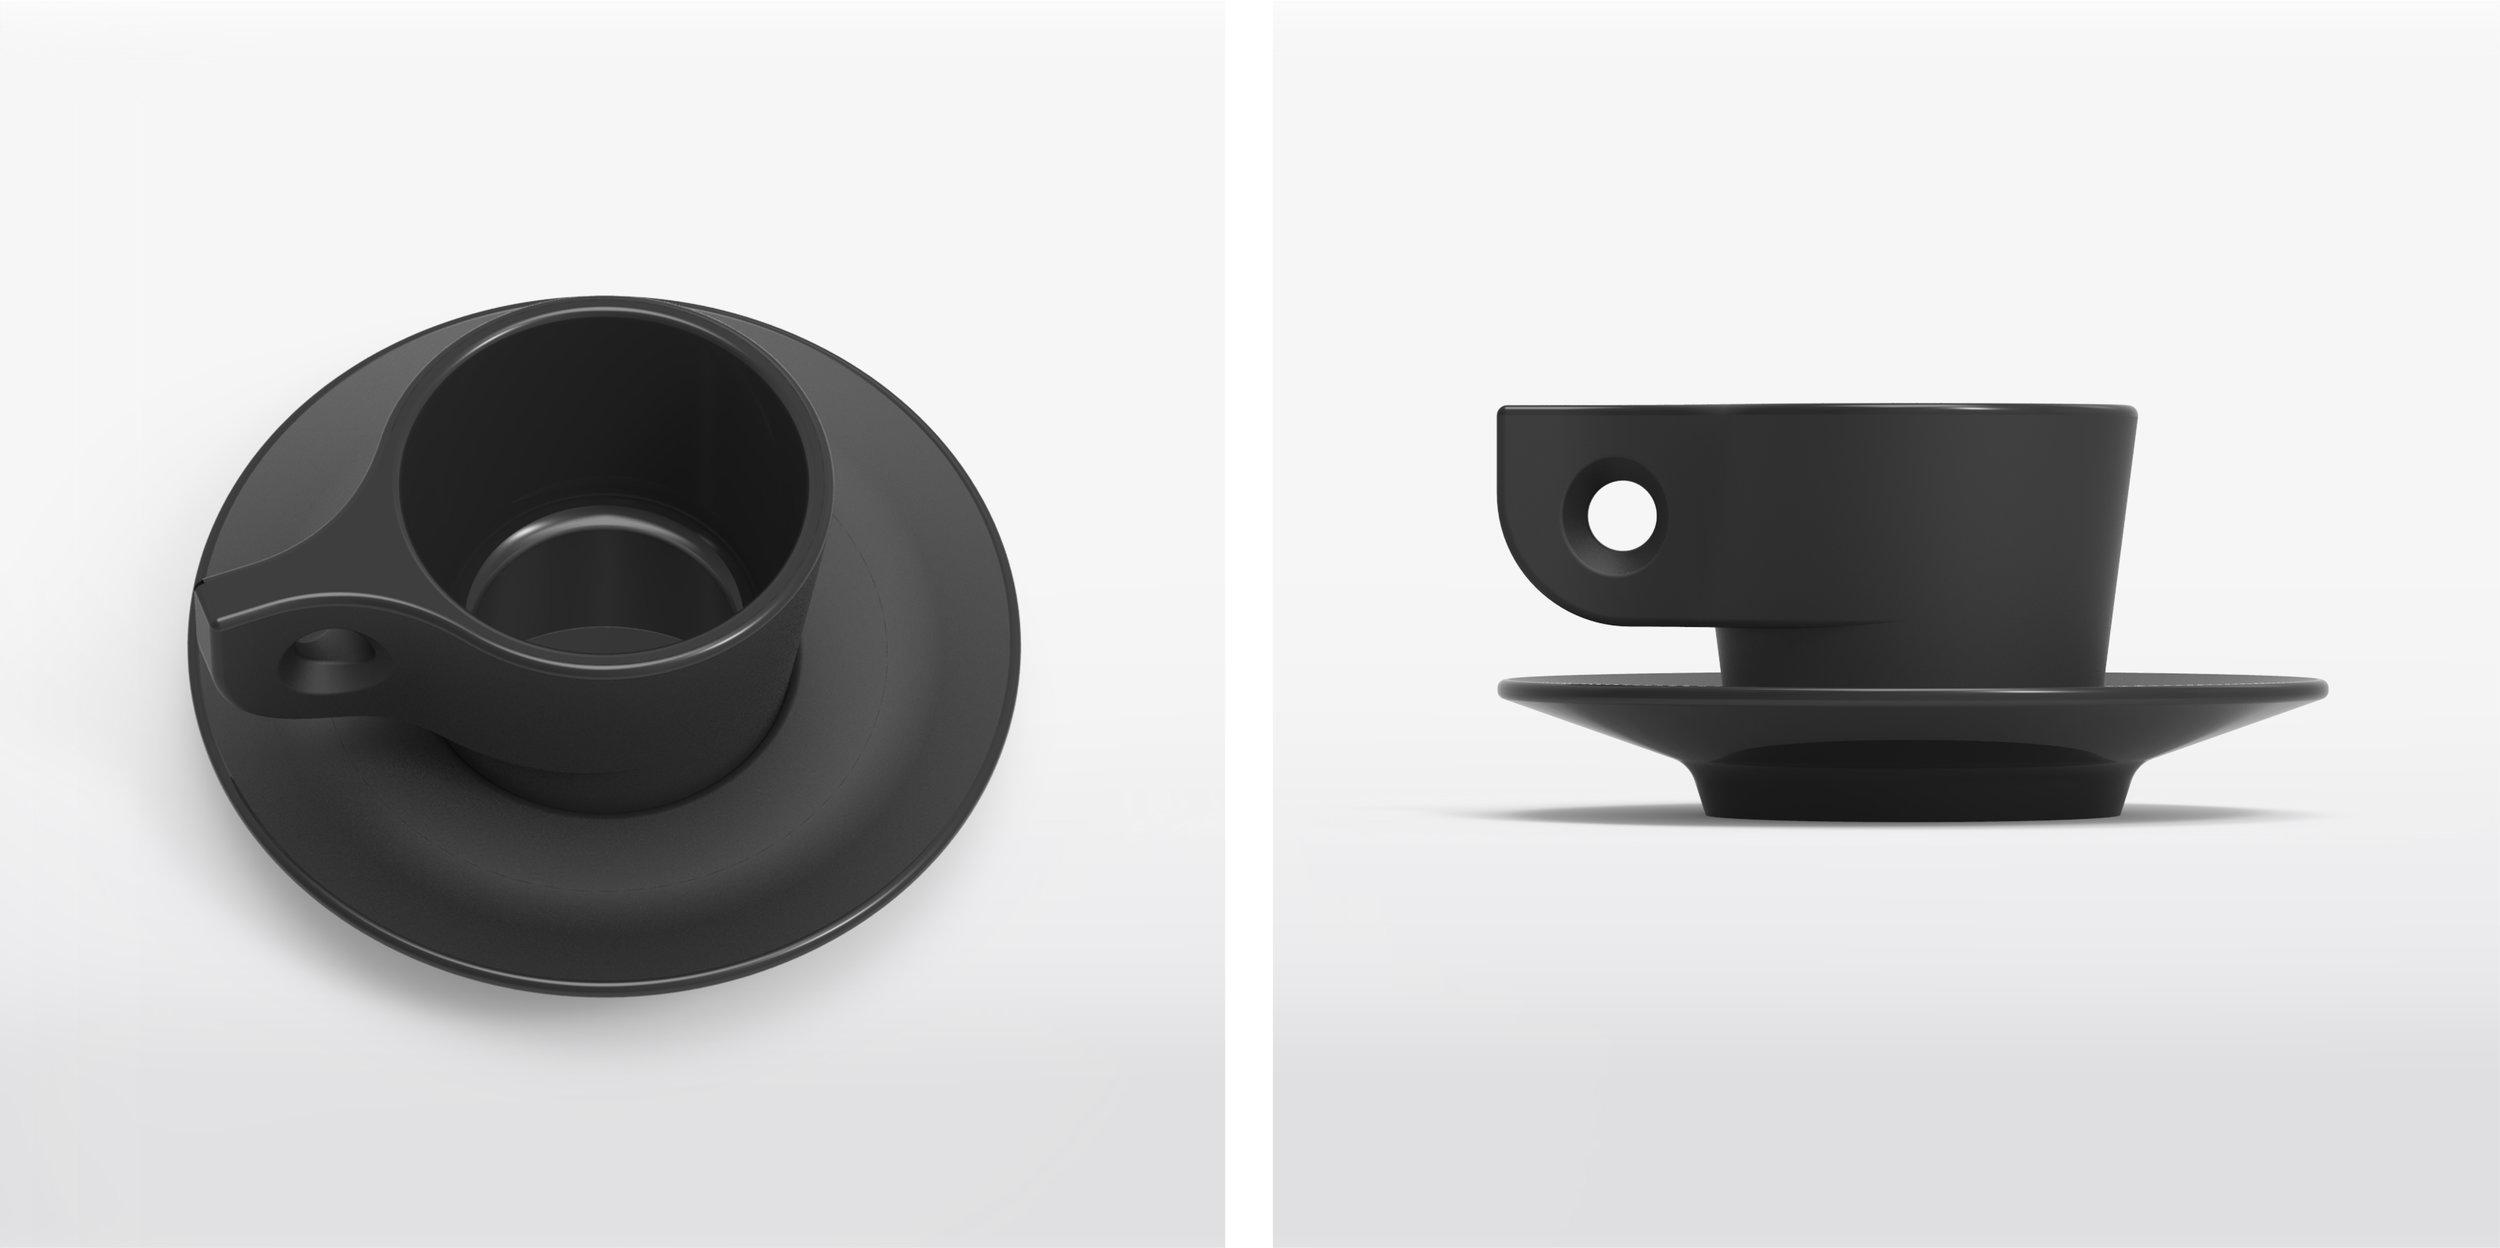 Matte black variation with alternating polished/unpolished surfaces.